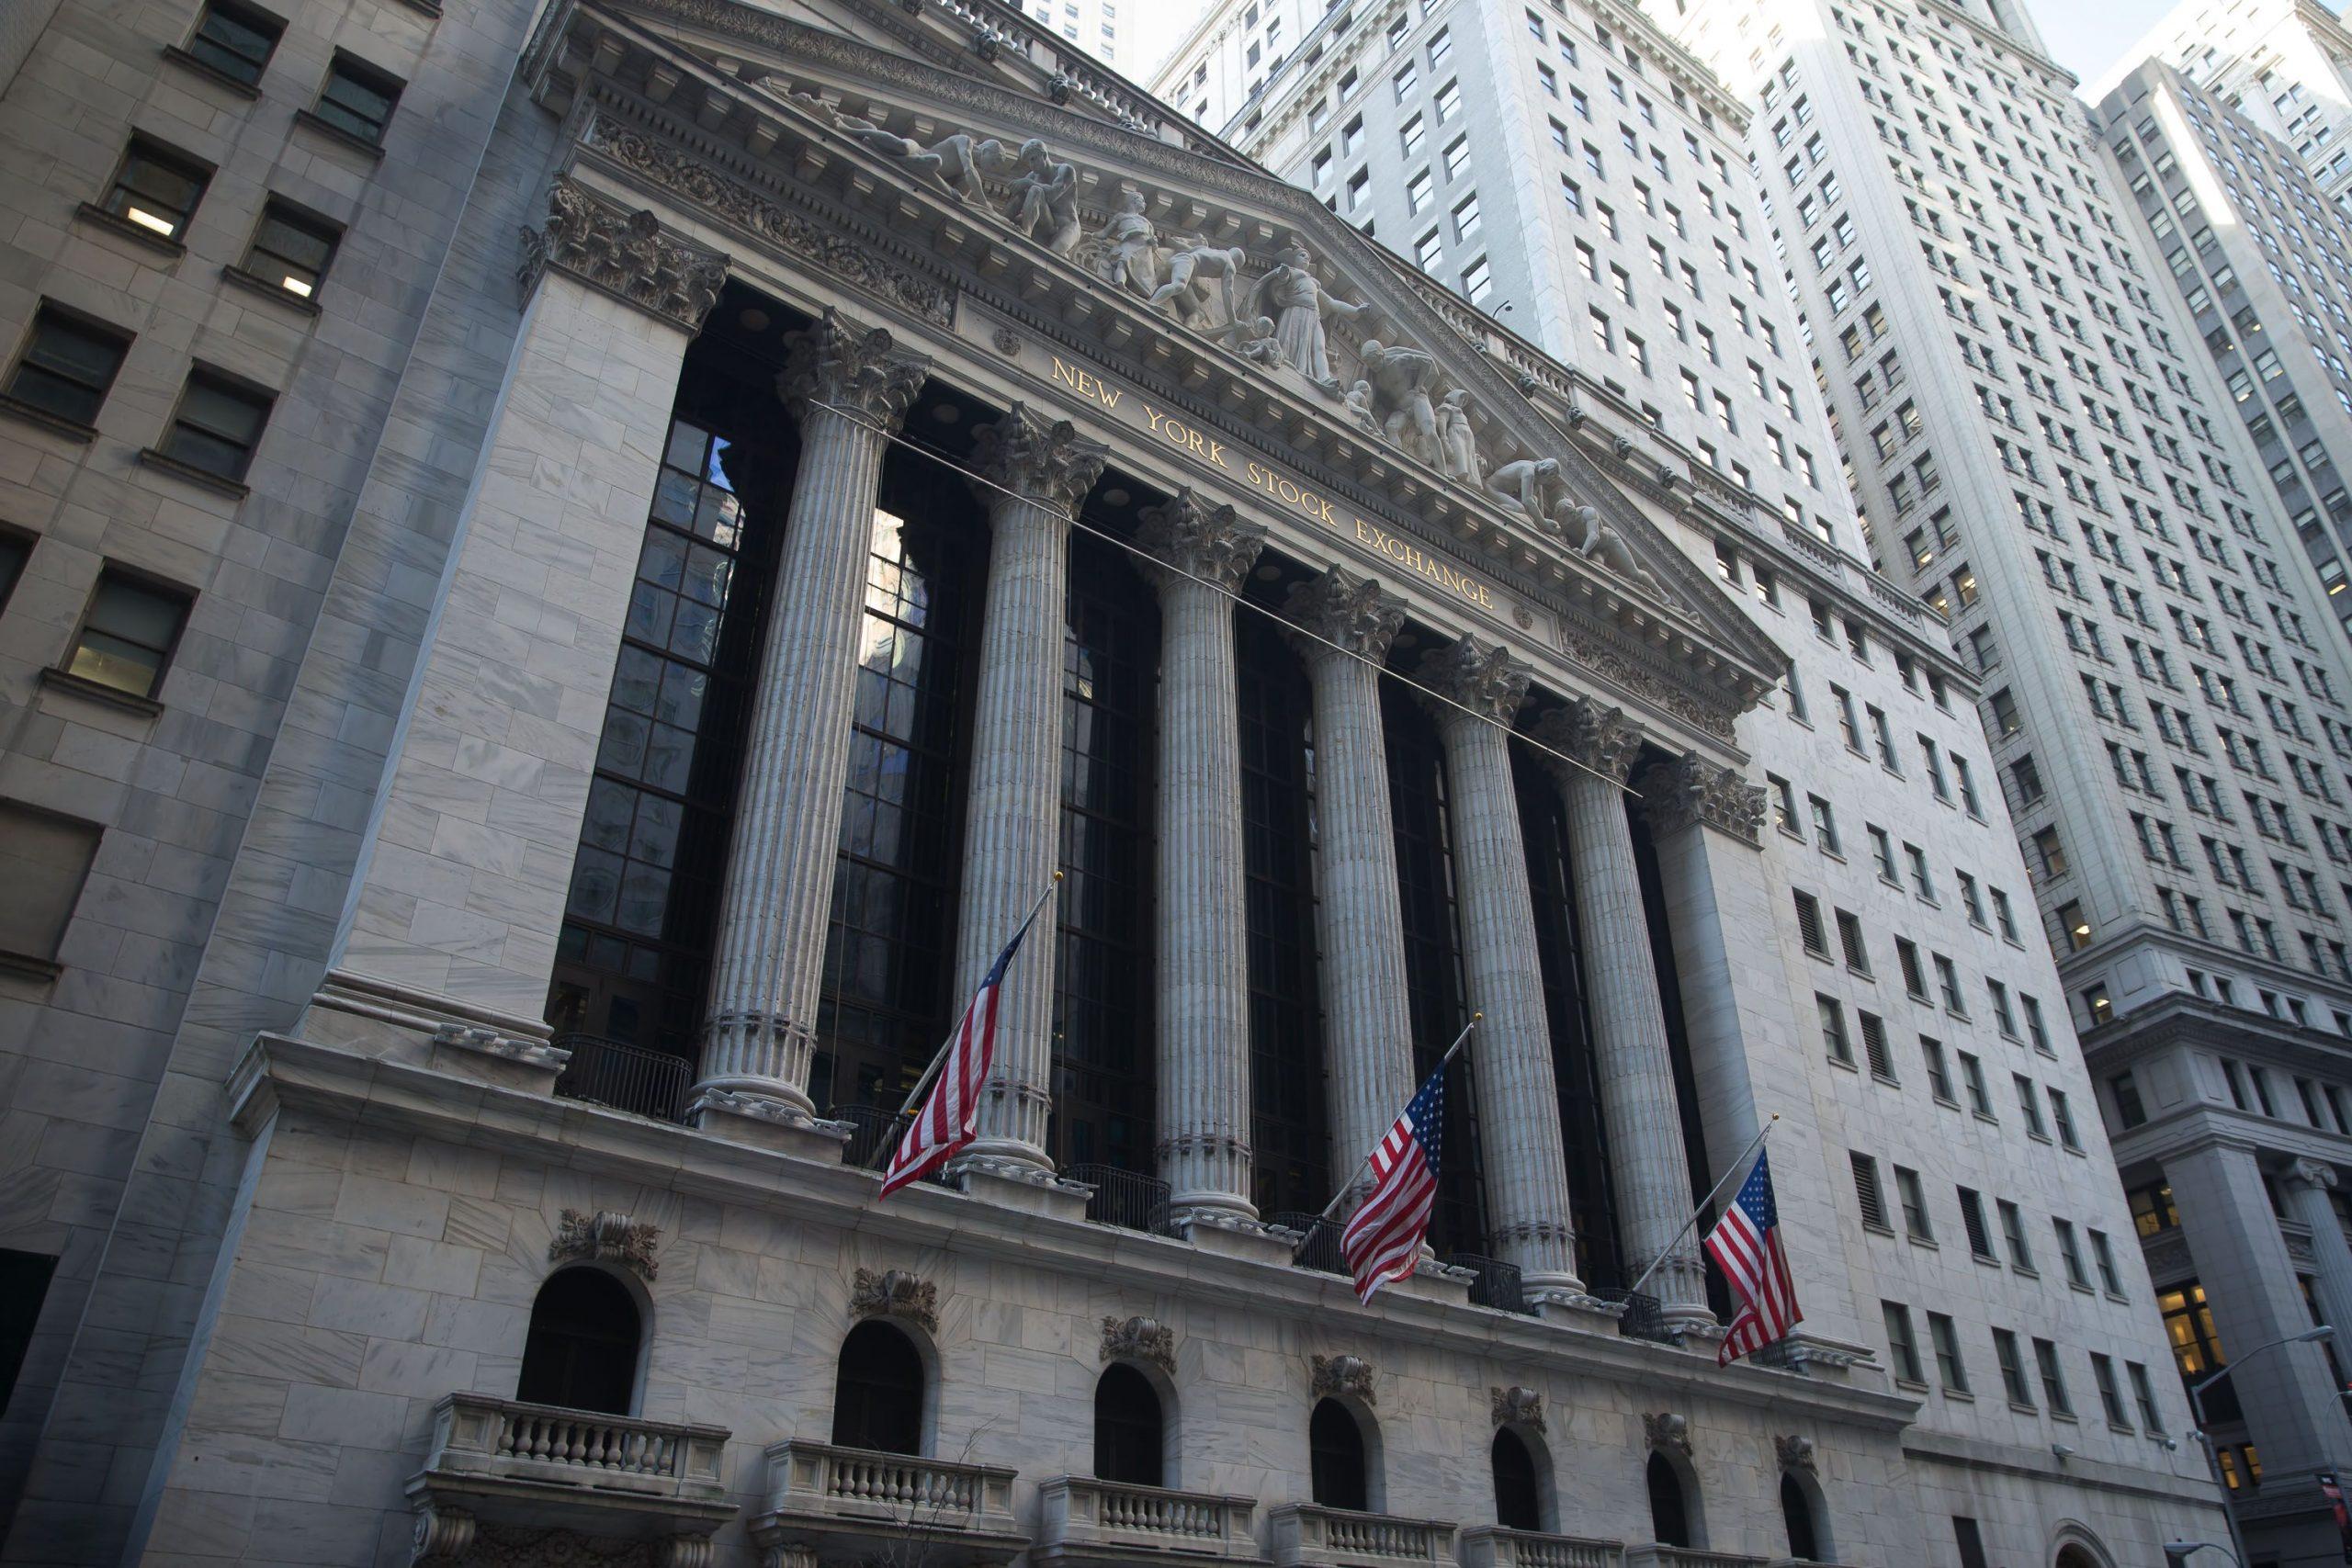 ساختمان بورس اوراق بهادار نیویورک (NYSE)